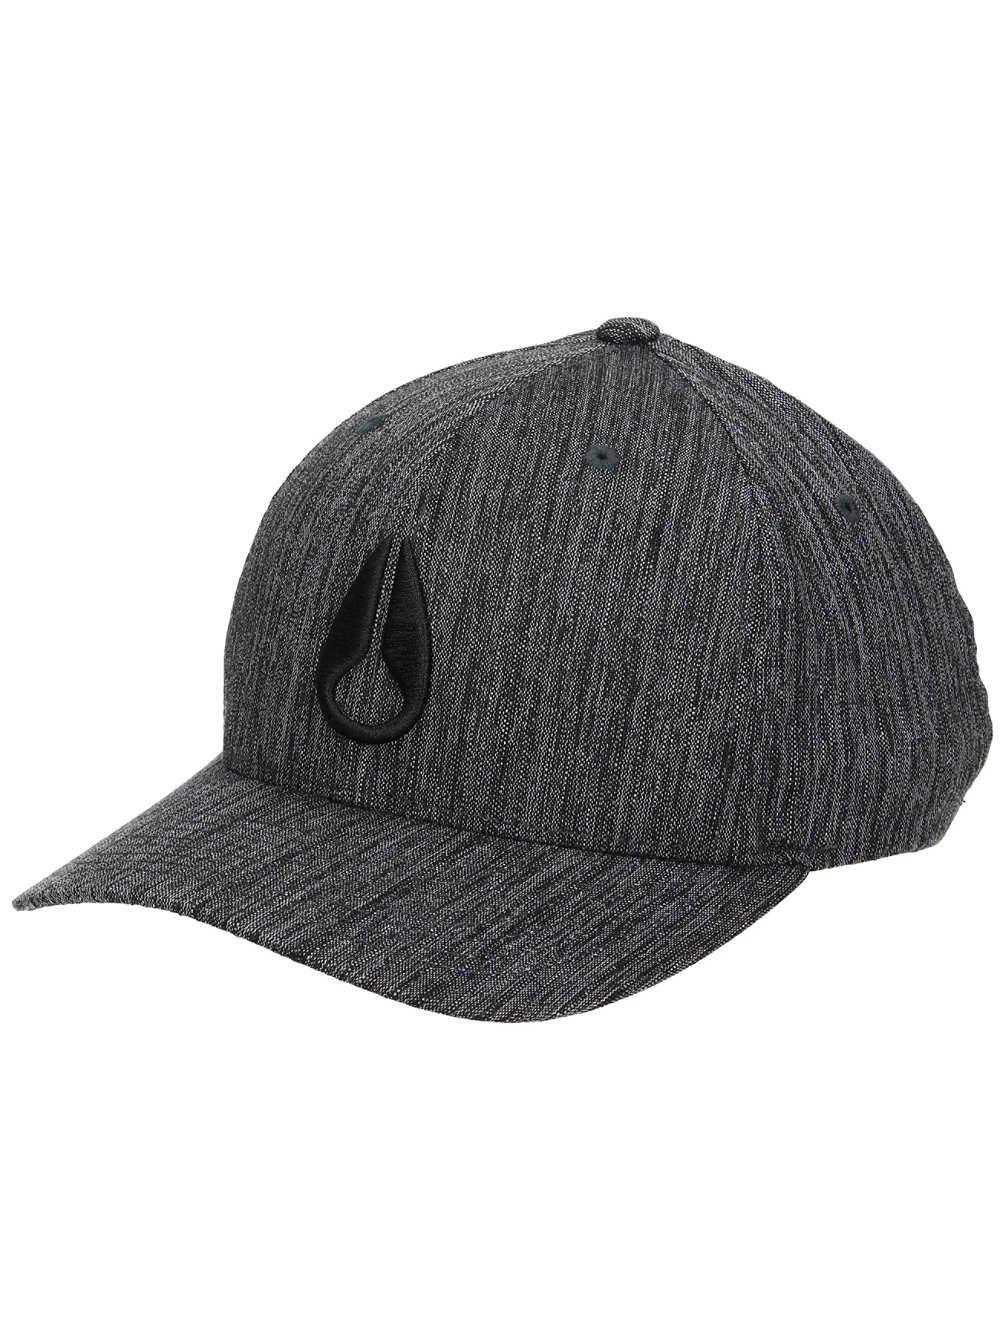 Nixon Deep Down Athletic Textured Hat -Spring 2017- Black Woven: Amazon.es: Deportes y aire libre